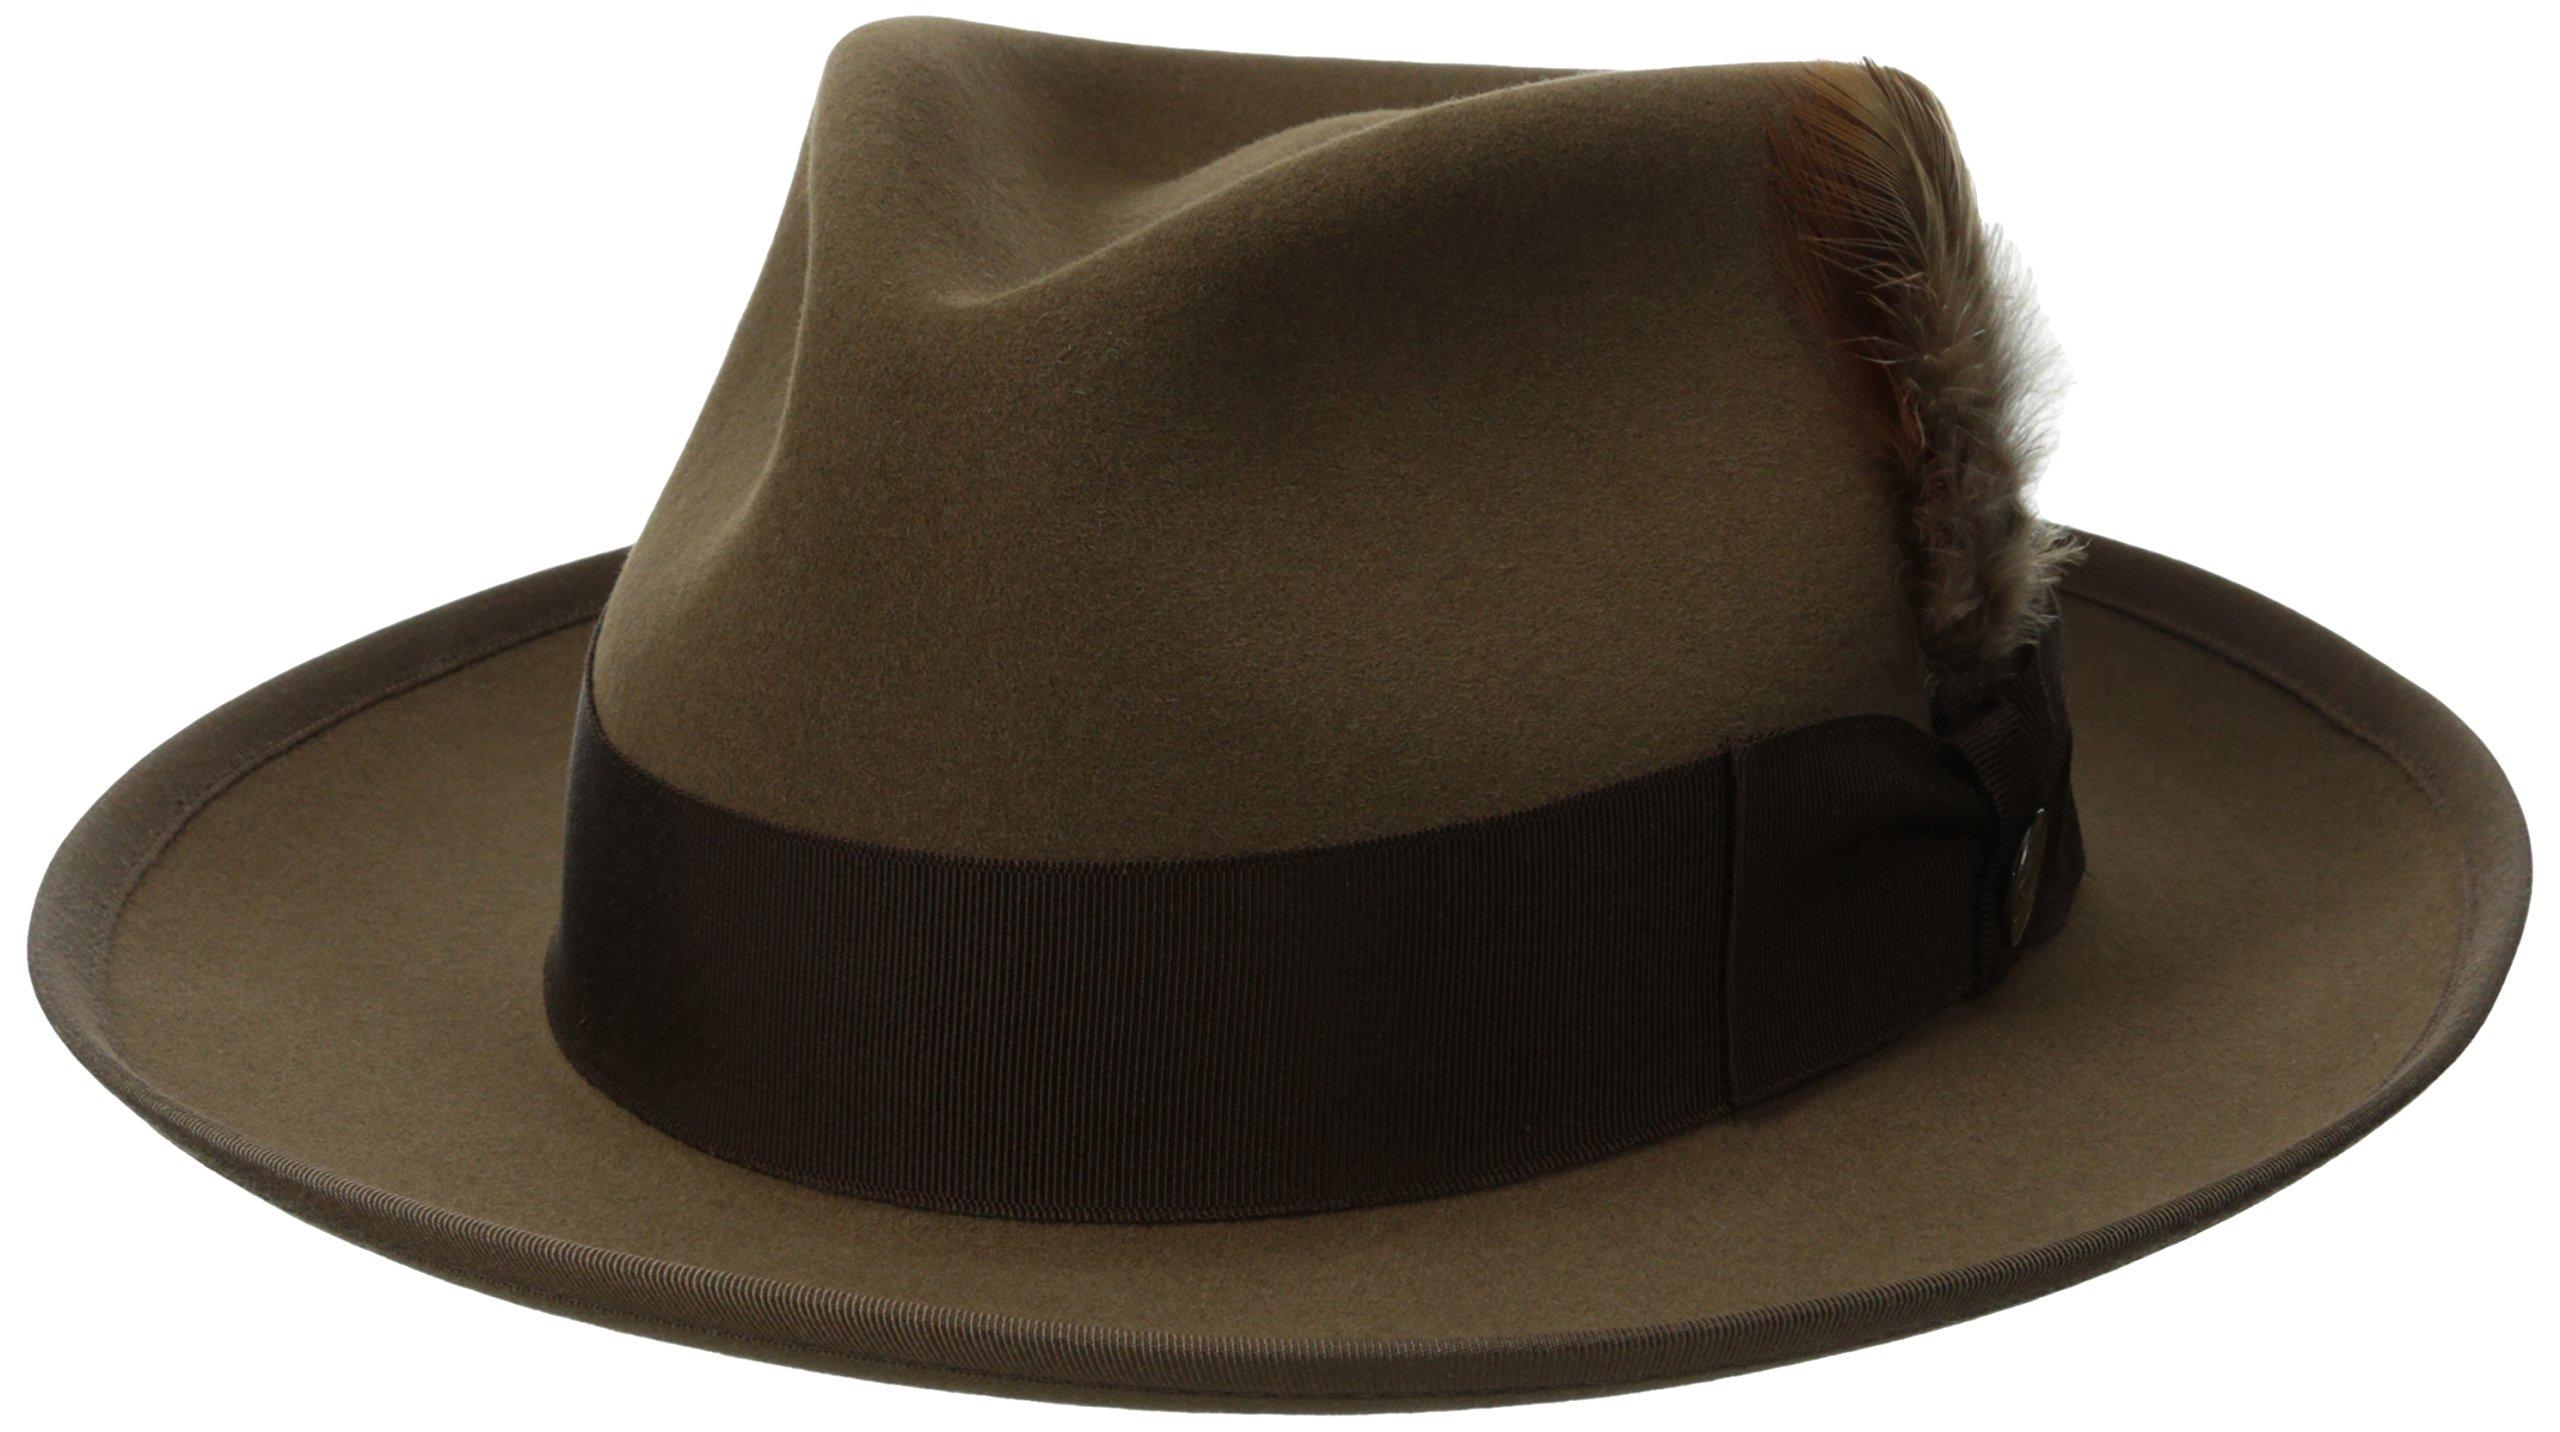 Stetson Men's Whippet Royal Deluxe Fur Felt Hat, Tawny, 7.5